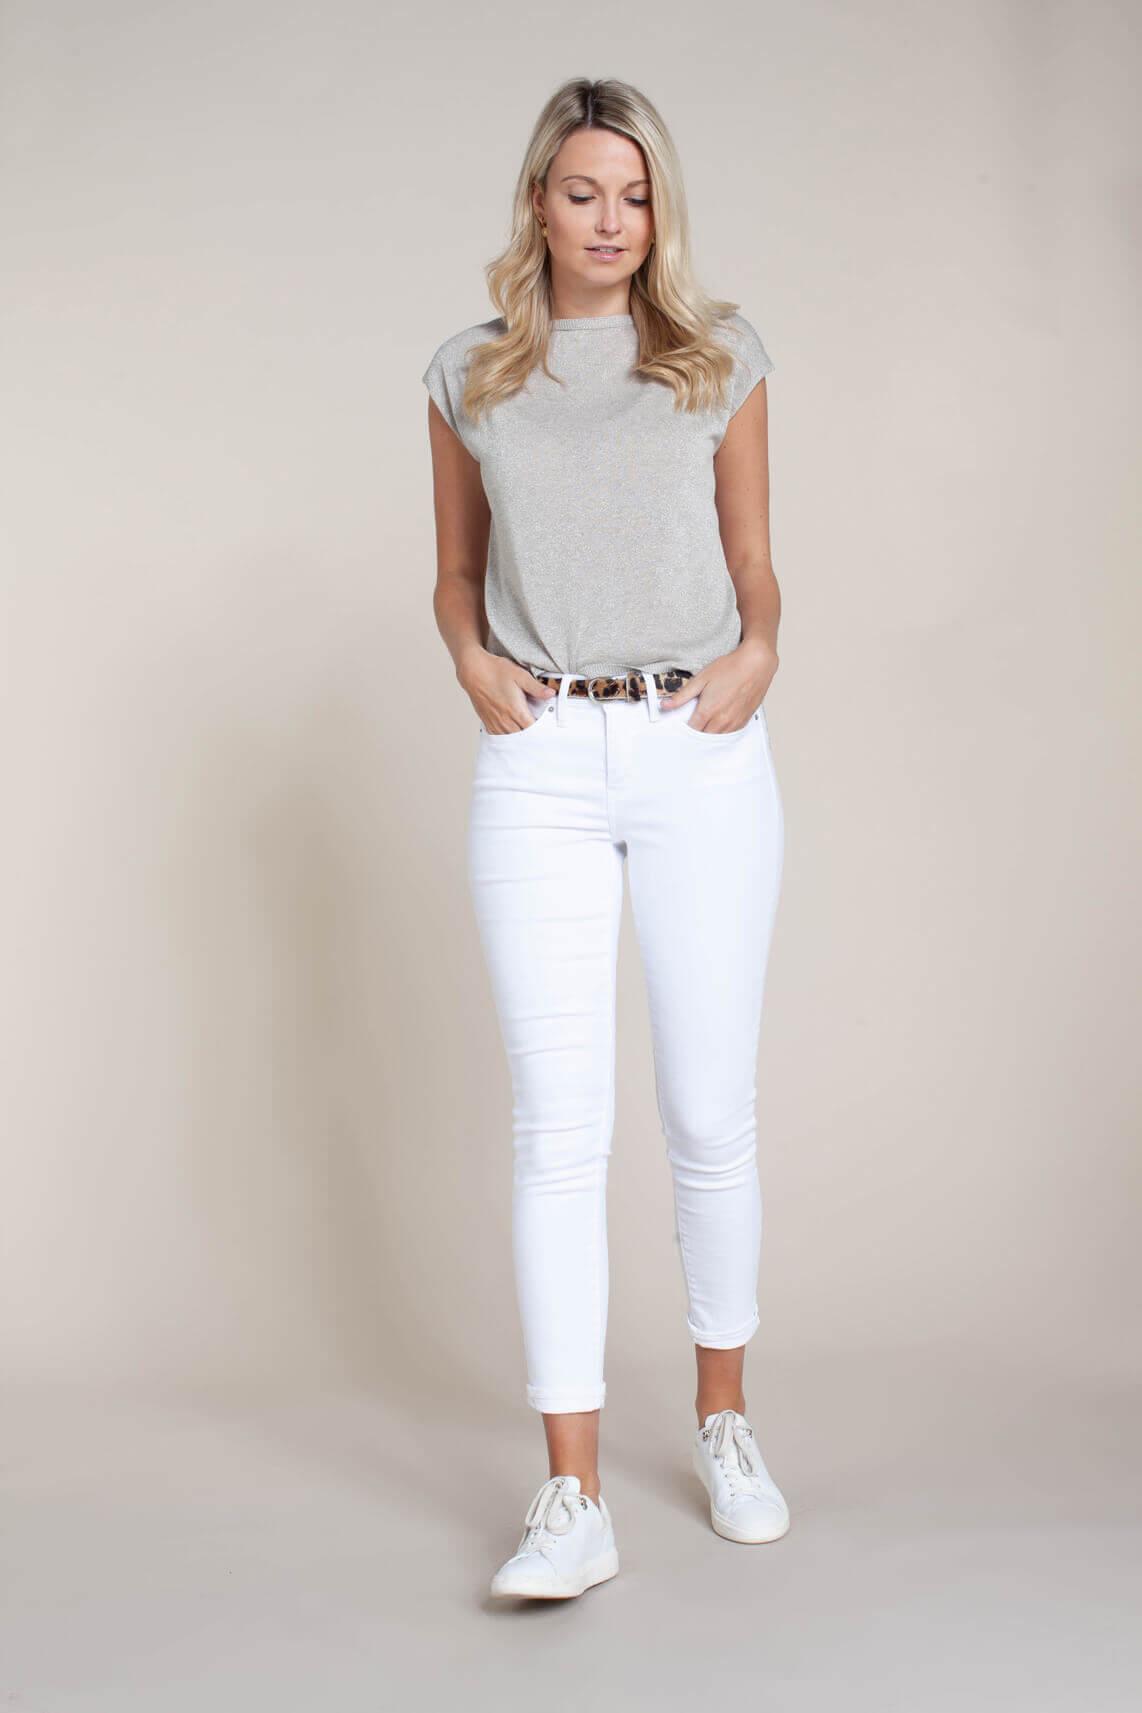 Kocca Dames Omnia lurex shirt Grijs